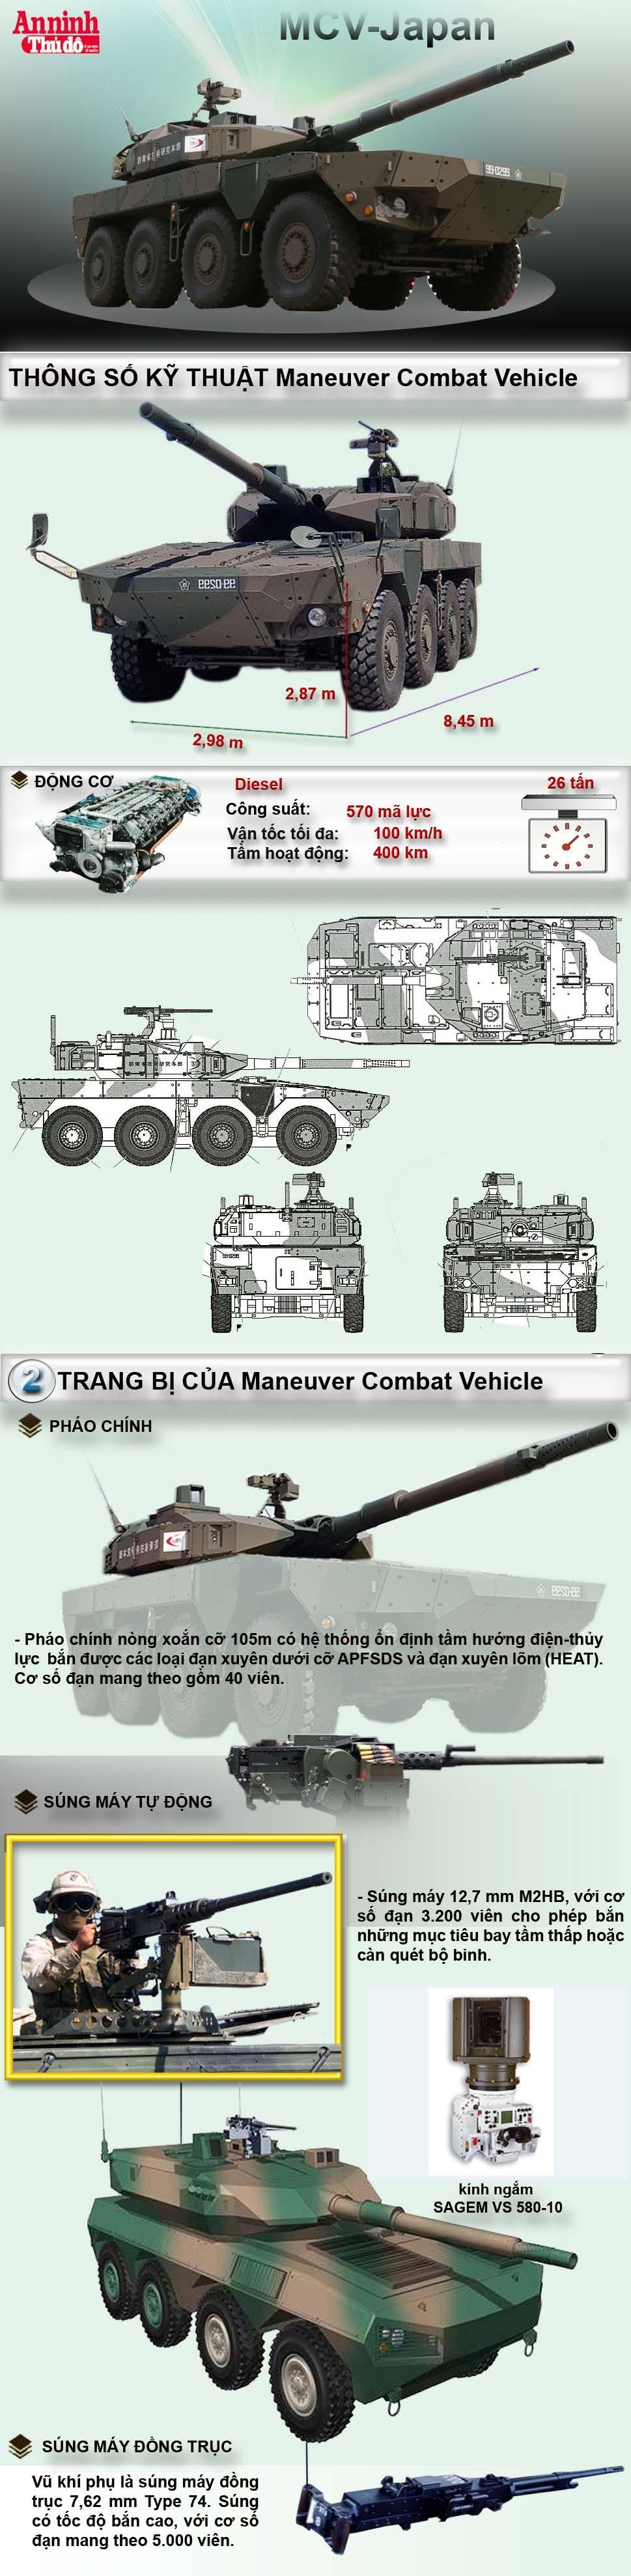 [Infographic] MCV - Xe chiến đấu cơ động hiện đại đến từ Nhật Bản ảnh 1